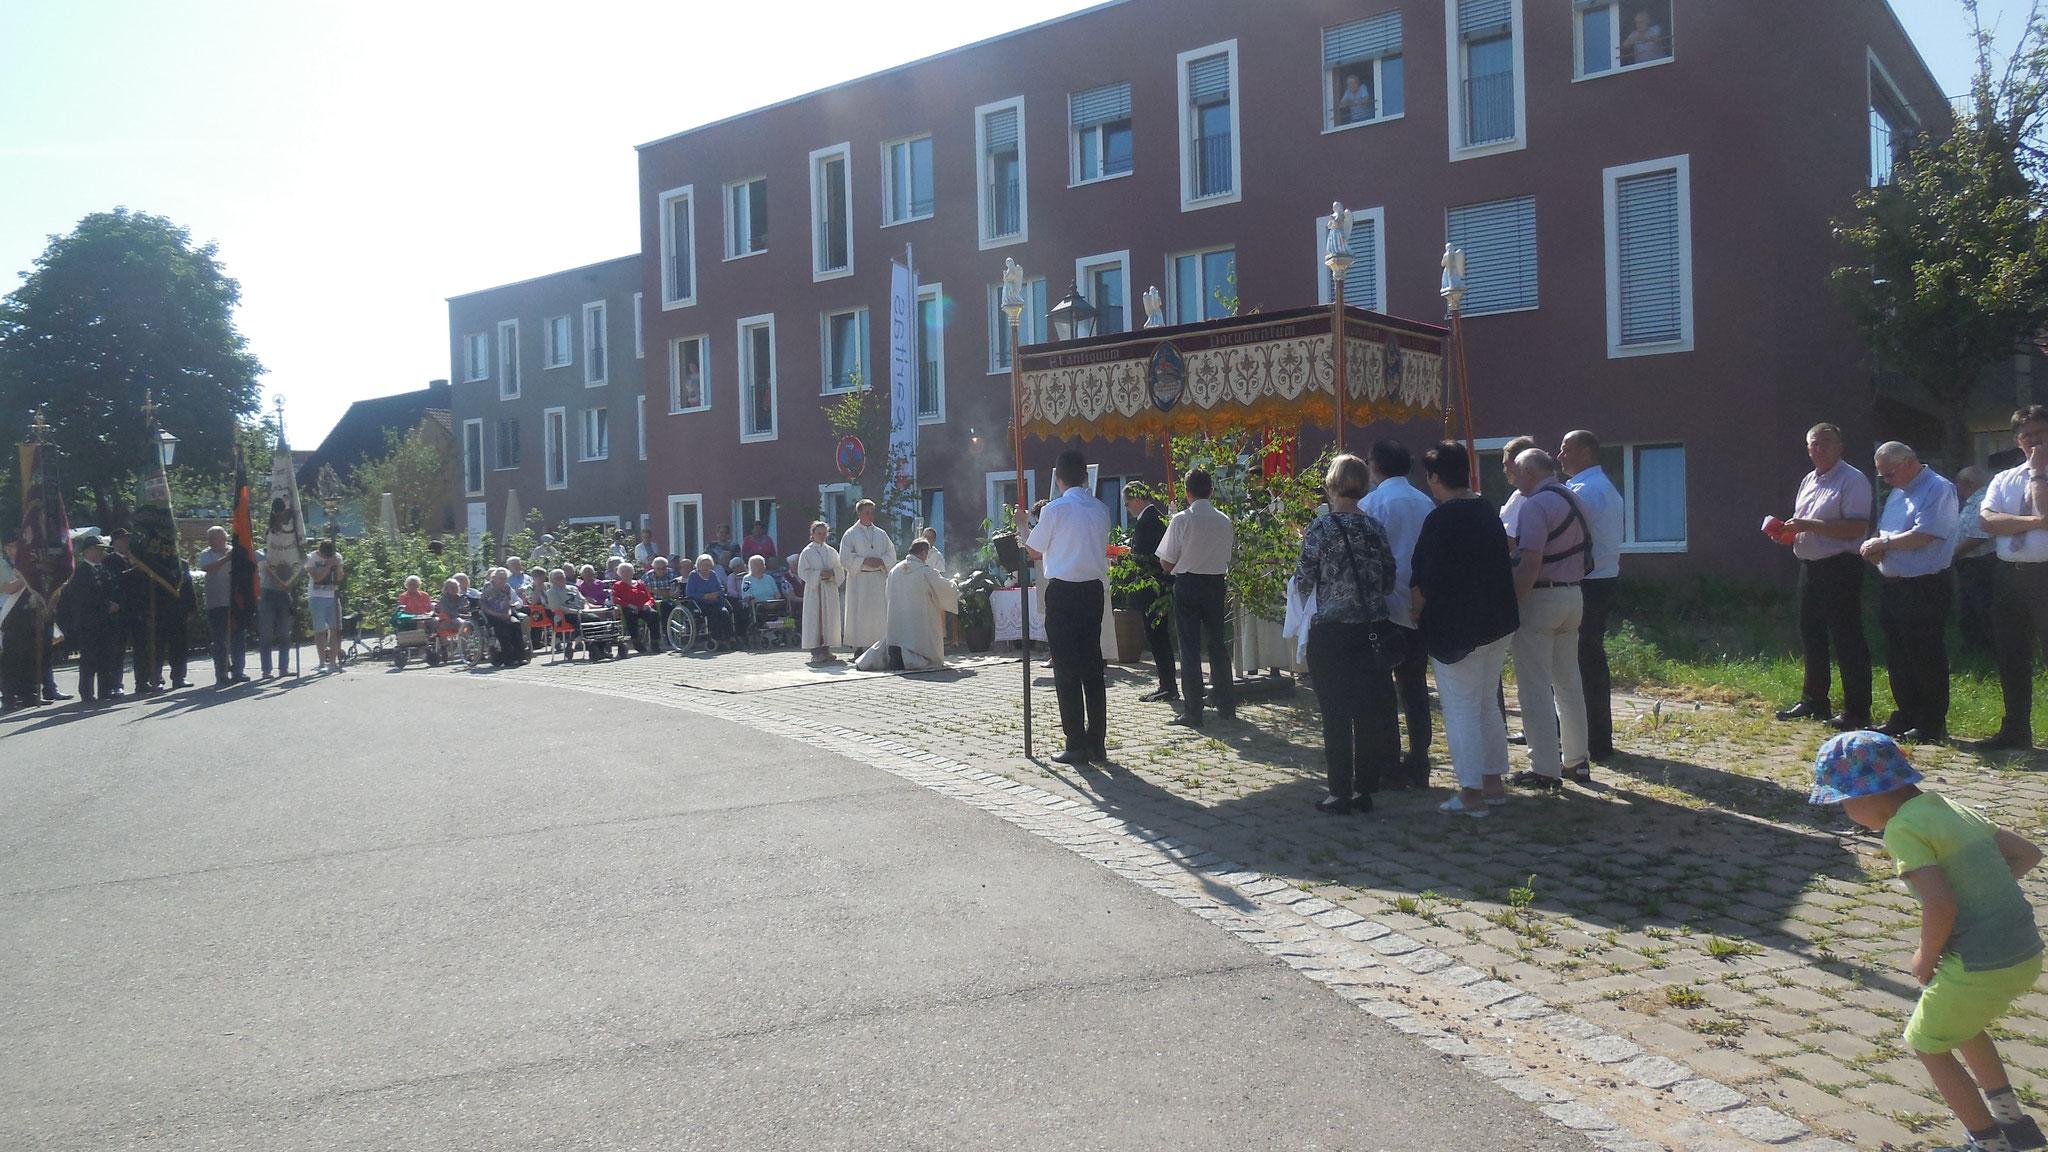 Fronleichnamsprozession Spalt, Station am Caritas-Seniorenheim